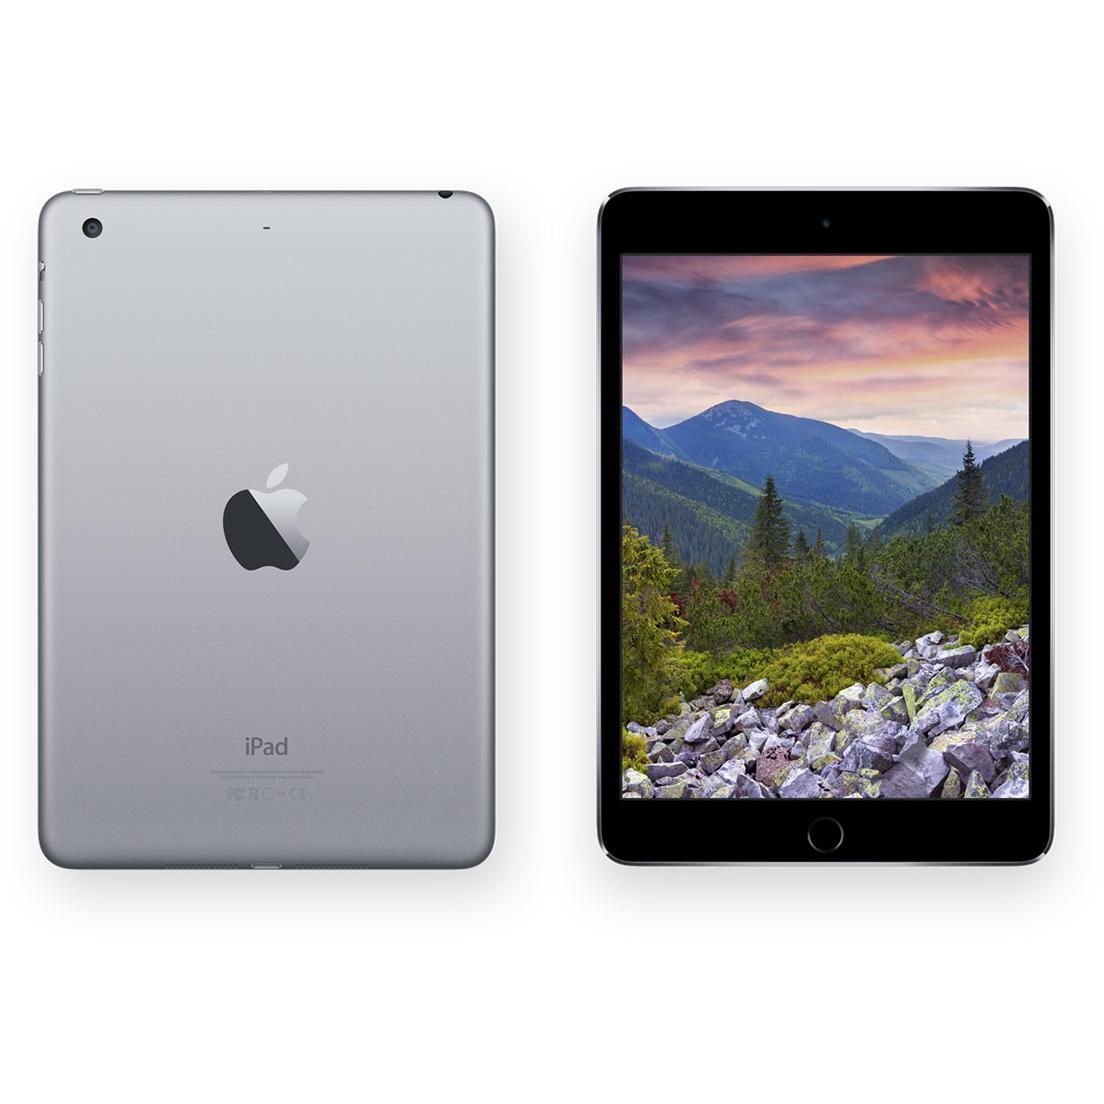 iPad mini 3 16 GB - Wifi + 4G - Gris espacial - Libre